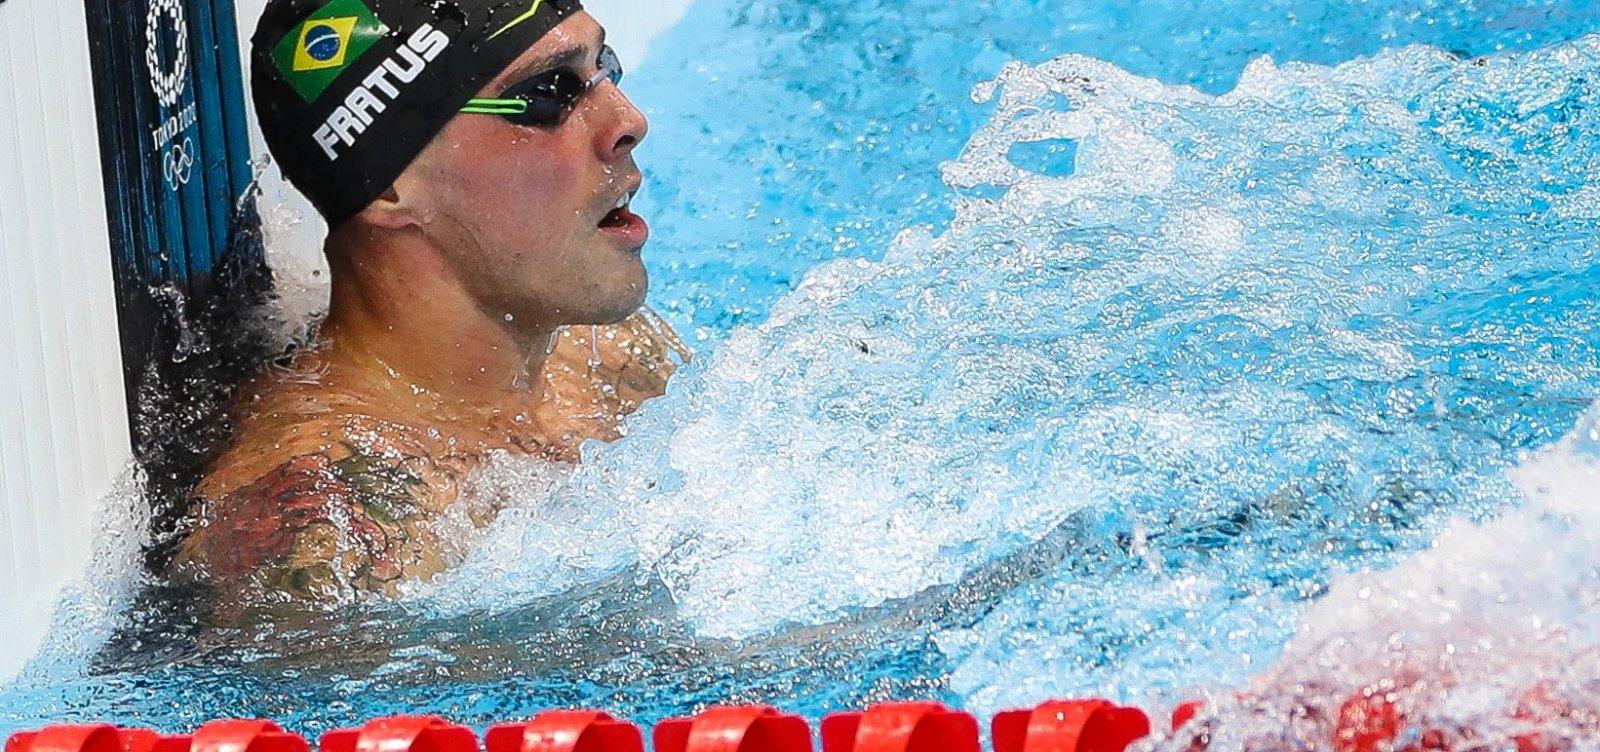 Noite nas Olimpíadas: Brasil tem bronze na natação, vitória no vôlei masculino e mais; confira